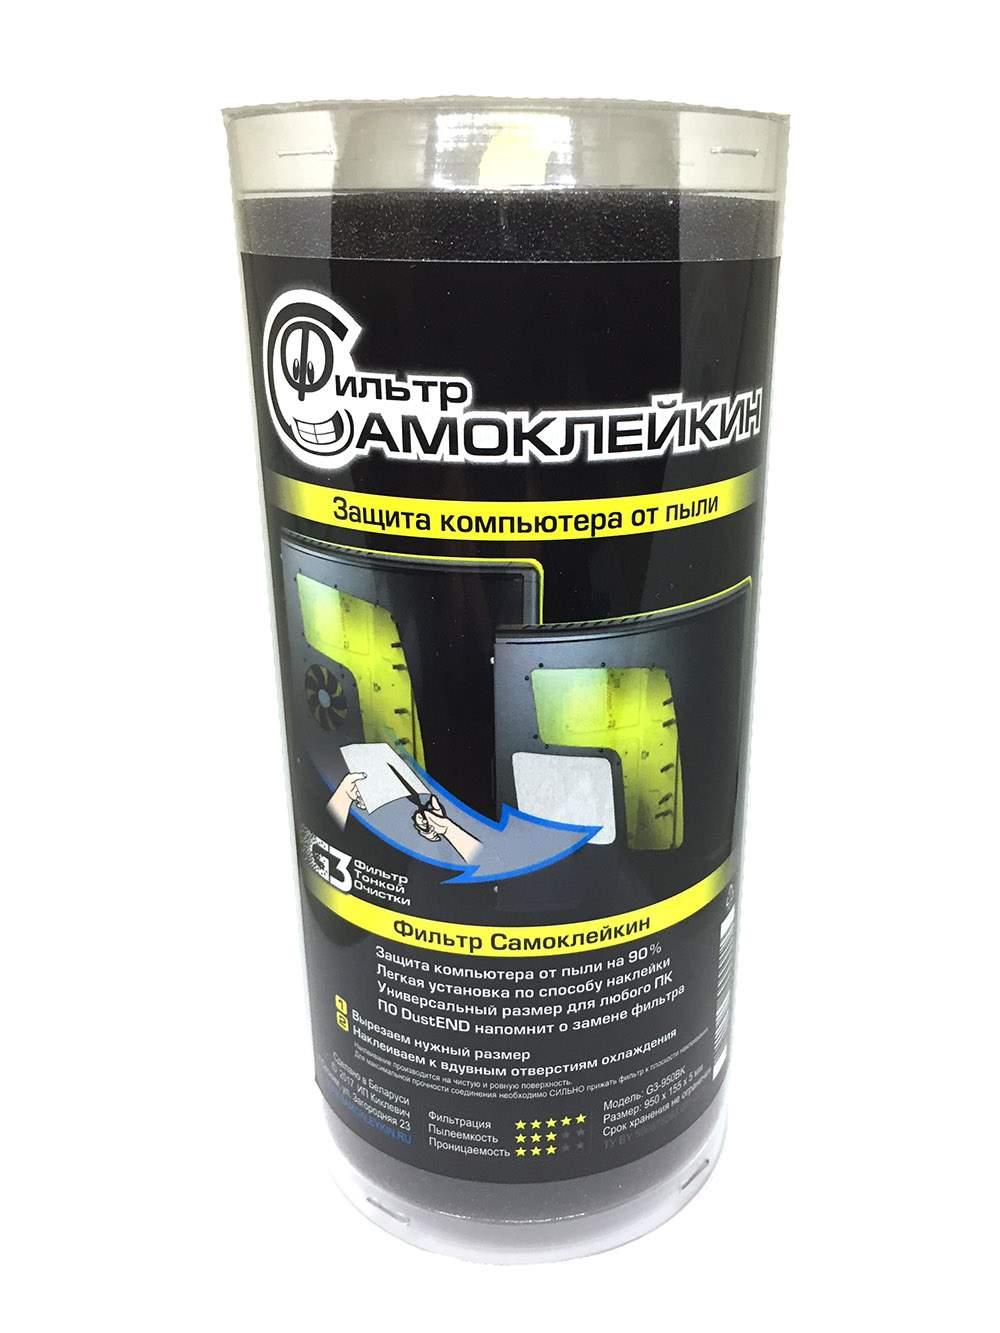 Пылевой фильтр для системного блока компьютера «Самоклейкин» G3-950BK